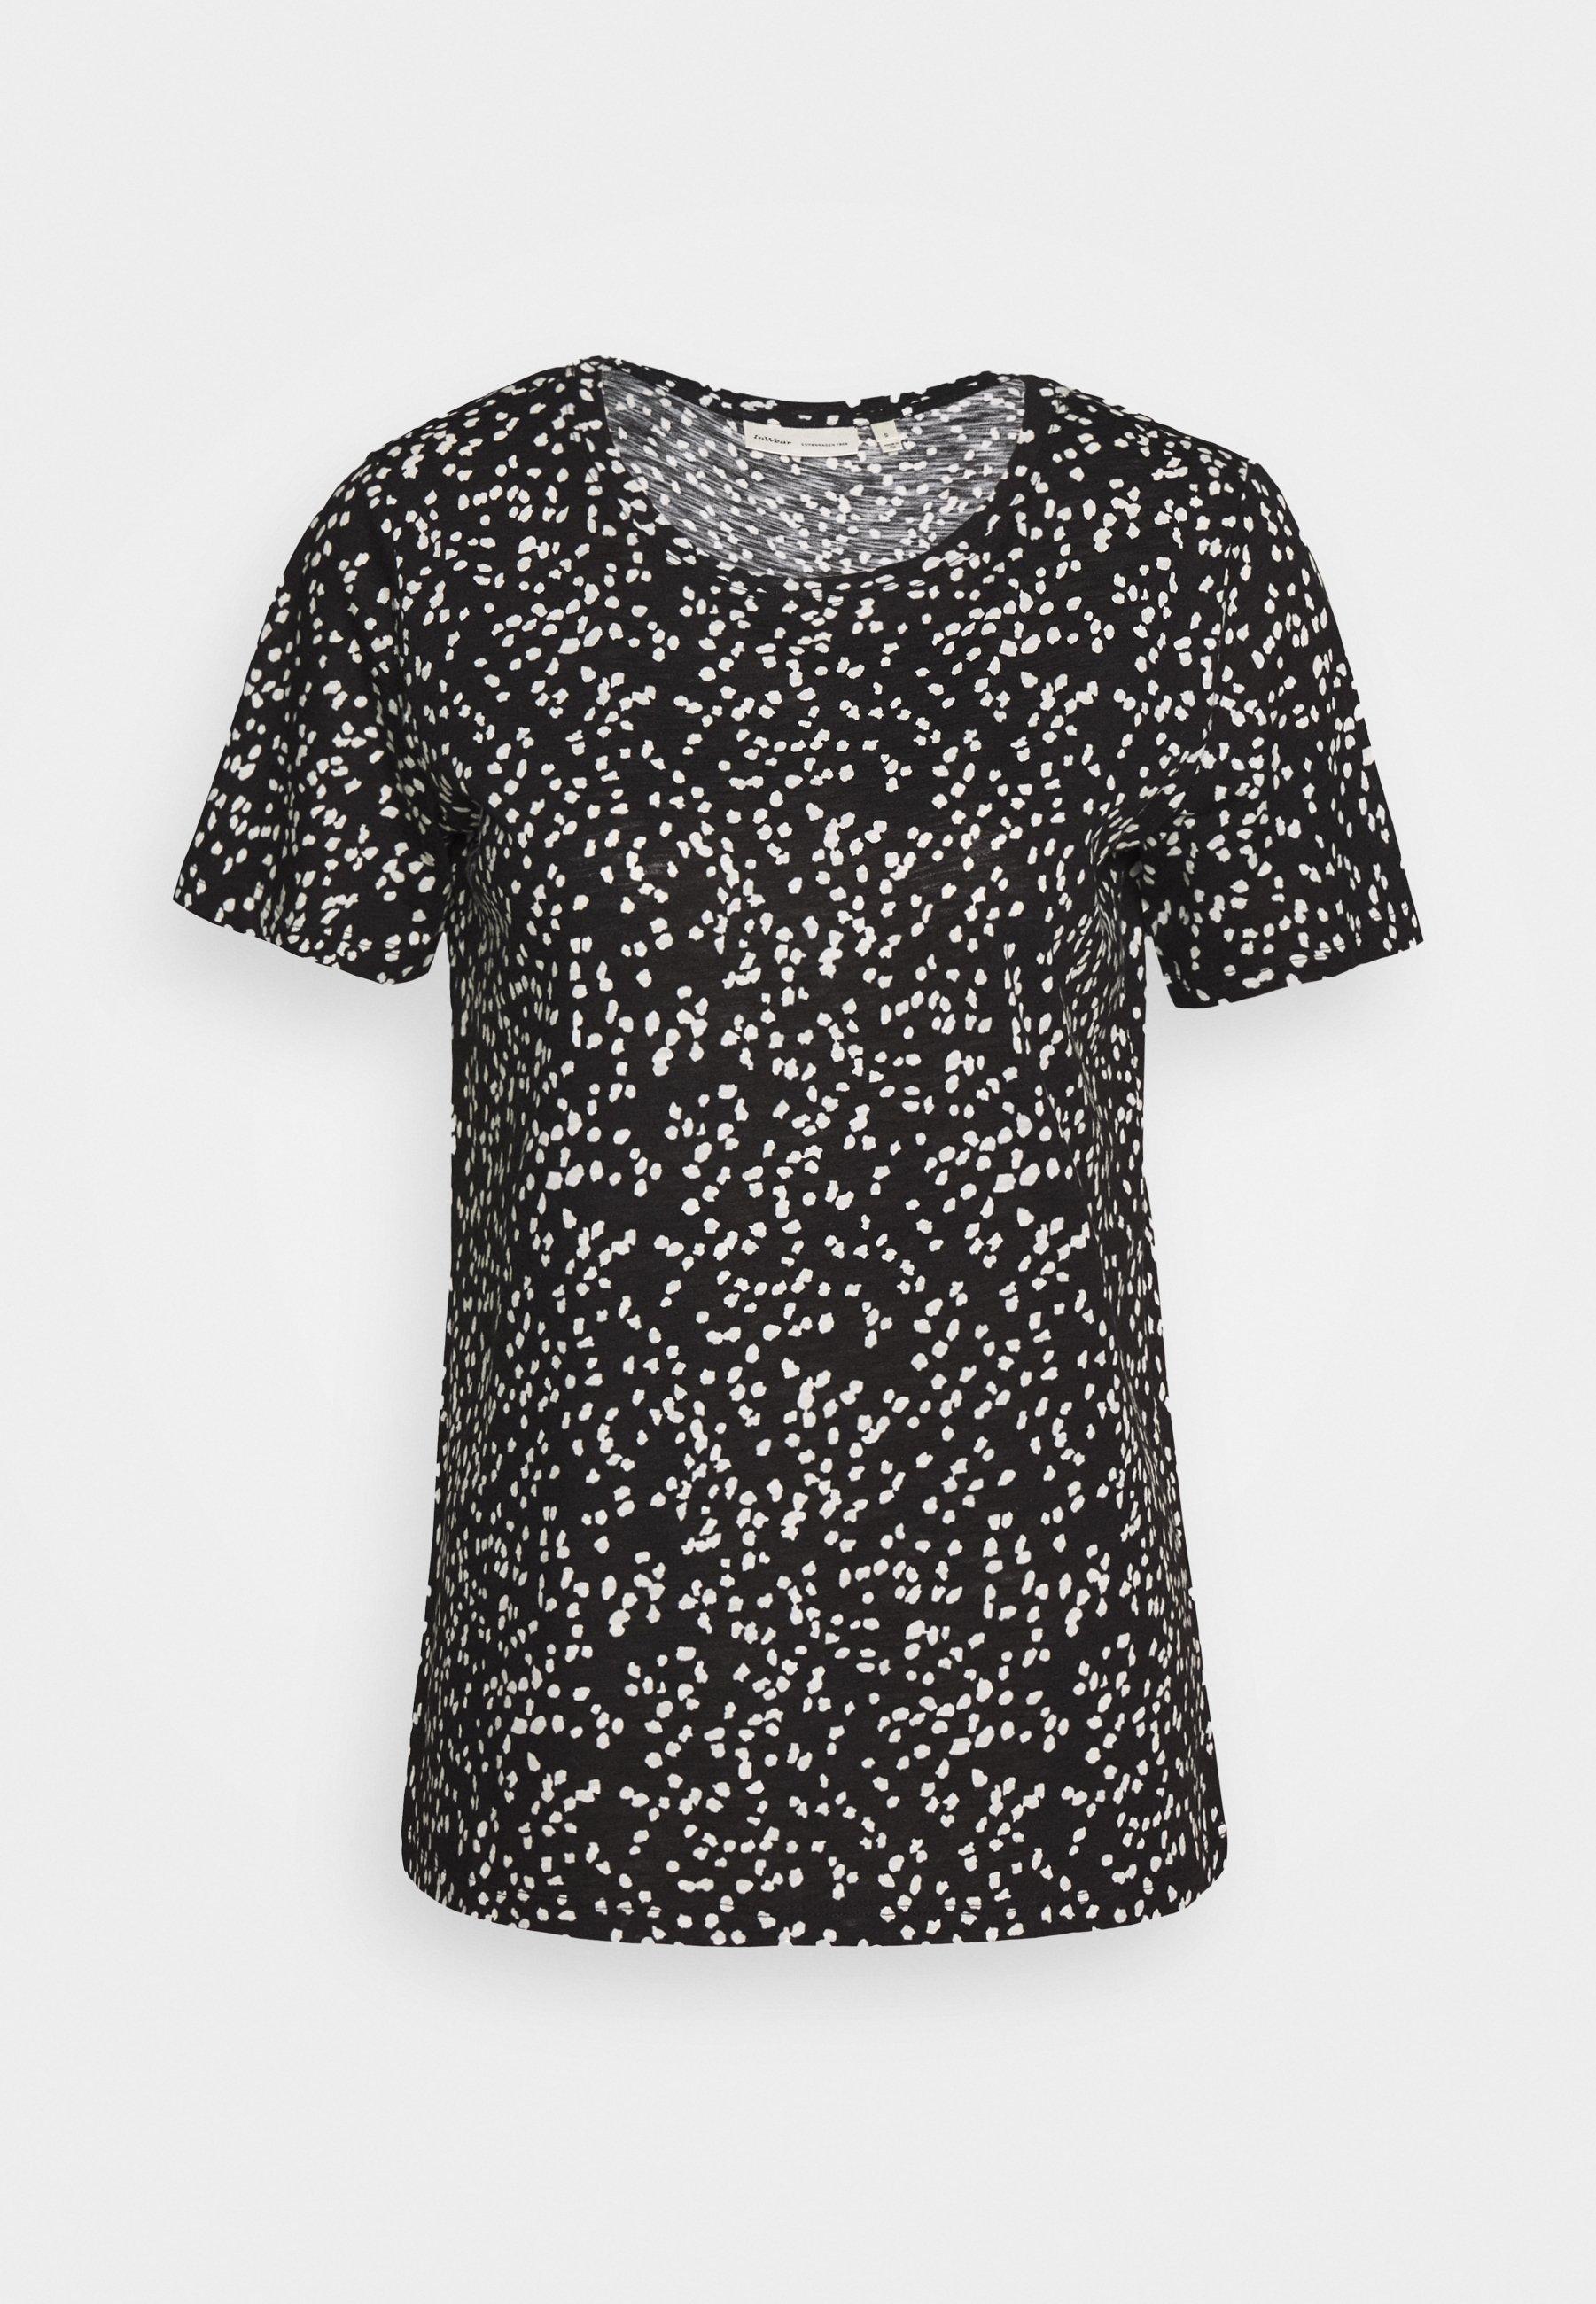 Inwear Alma - T-shirts Med Print Black/svart